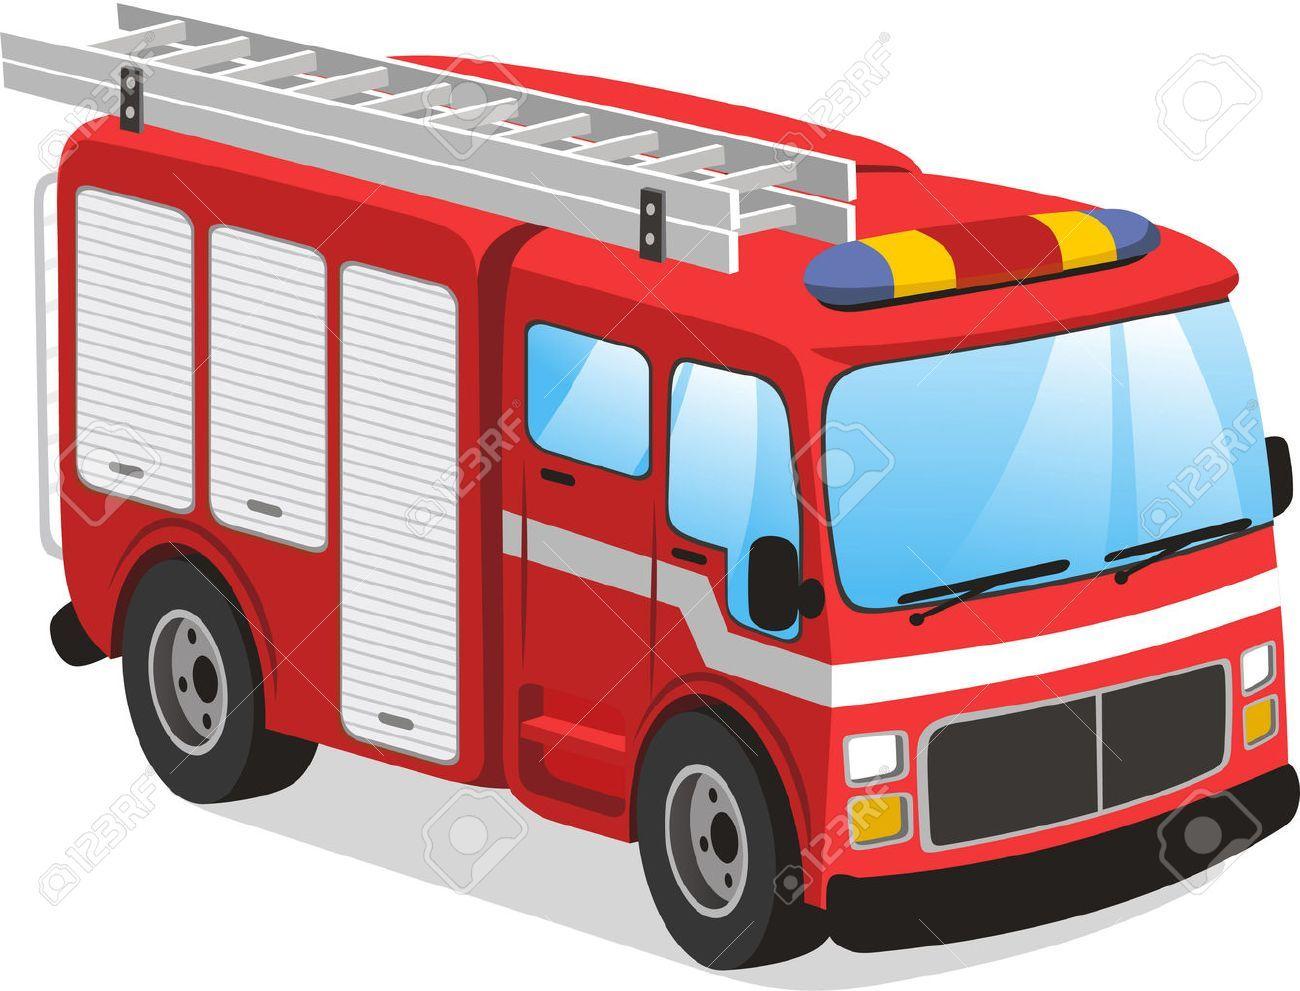 Pin Von Josseaume Auf Detskij Sad Bmw Konzept Feuerwehrauto Autos